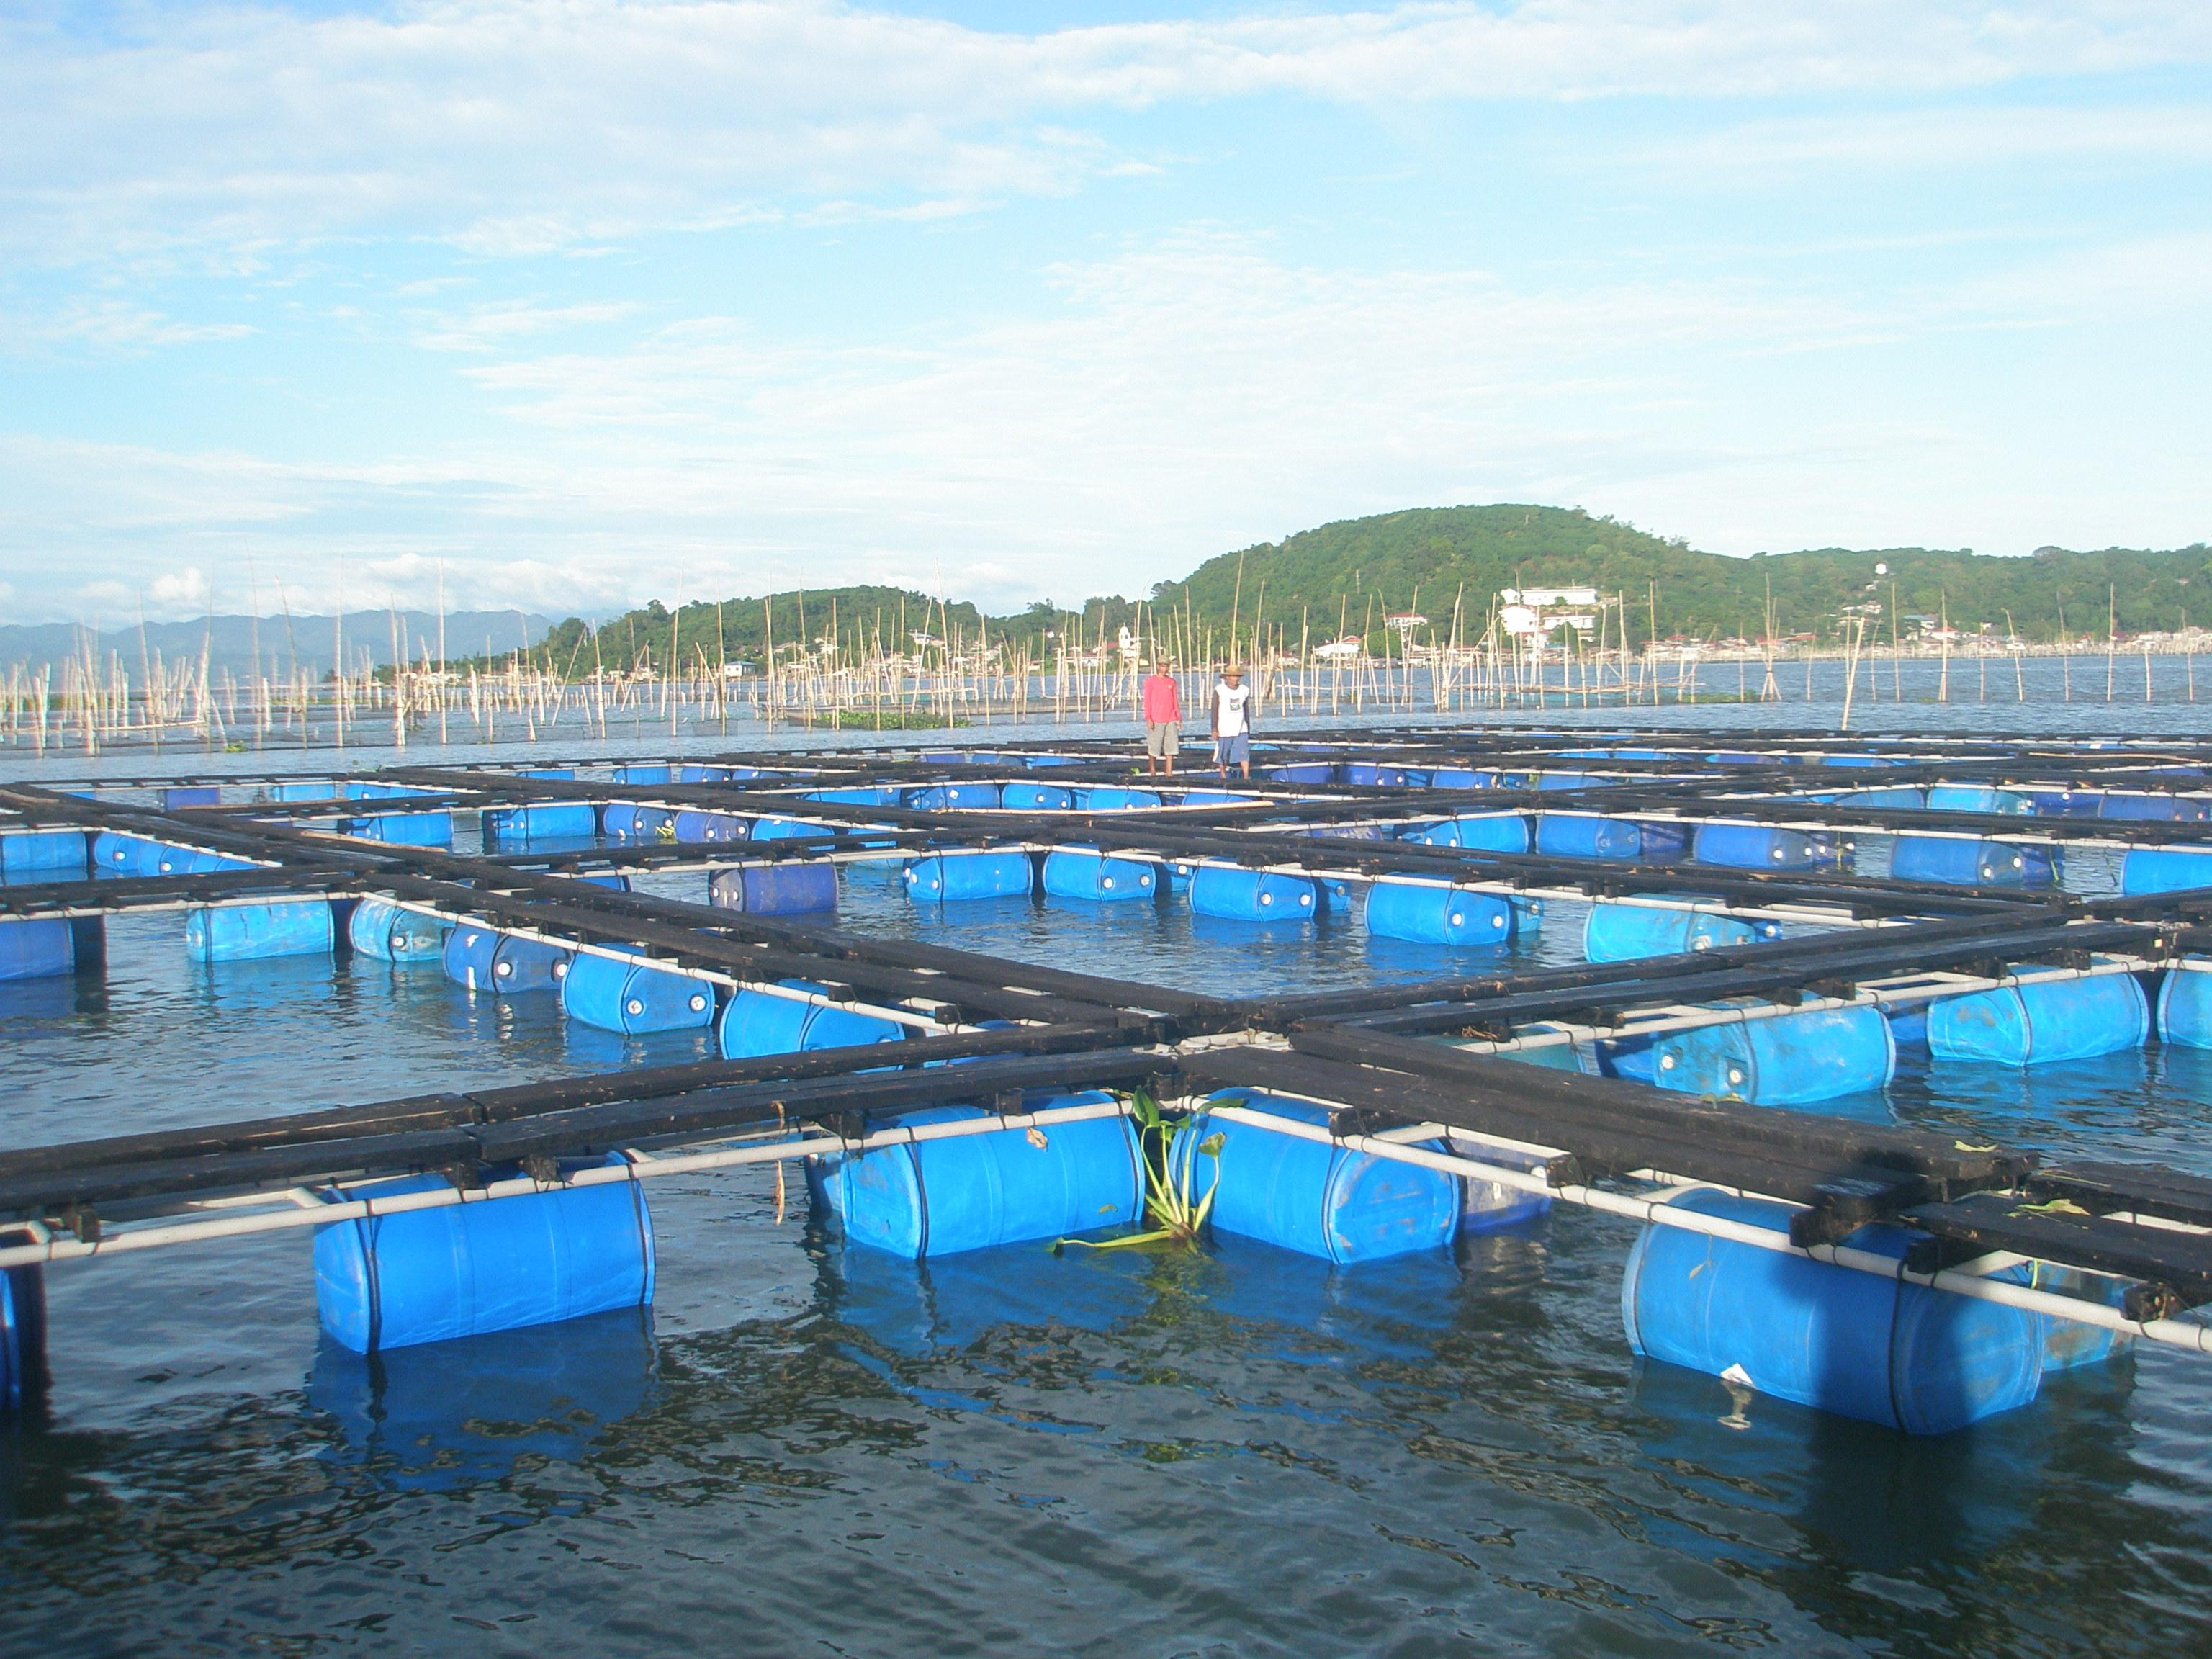 Aqua Netting, Fishery Cage Nets, Aquaculture netting